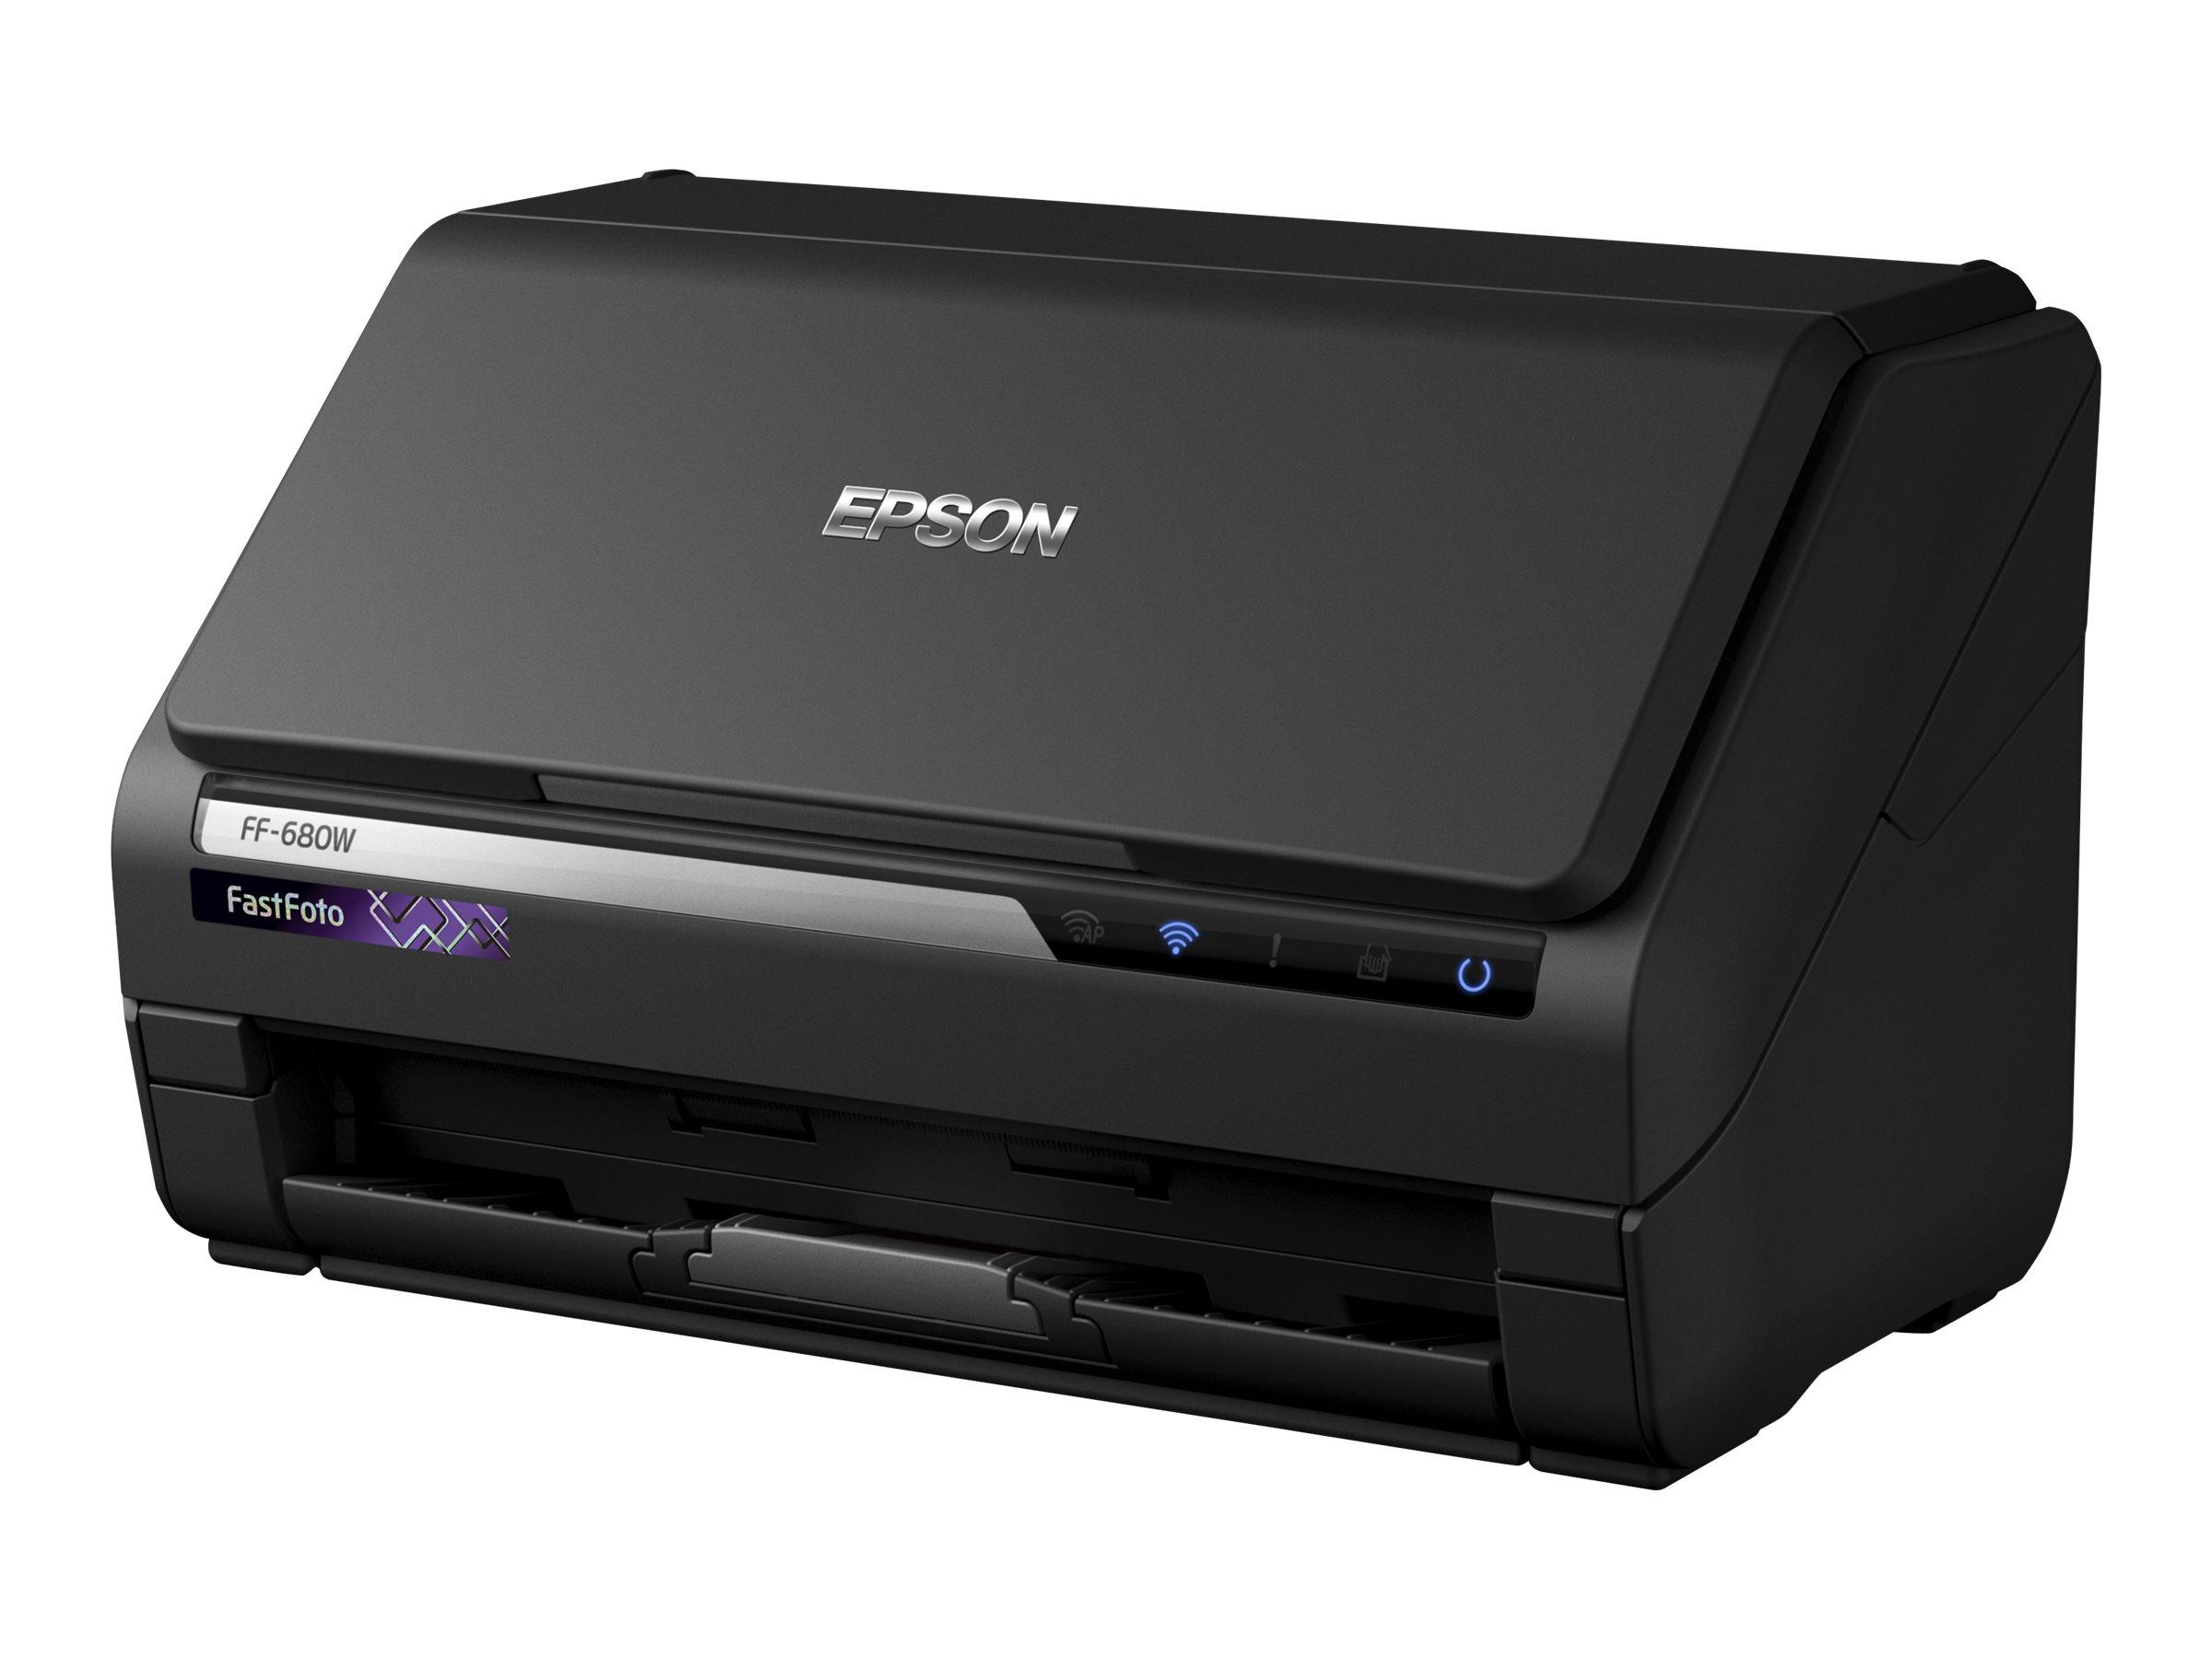 Epson FastFoto FF-680W - document scanner - desktop - USB 3.0, Wi-Fi(n)